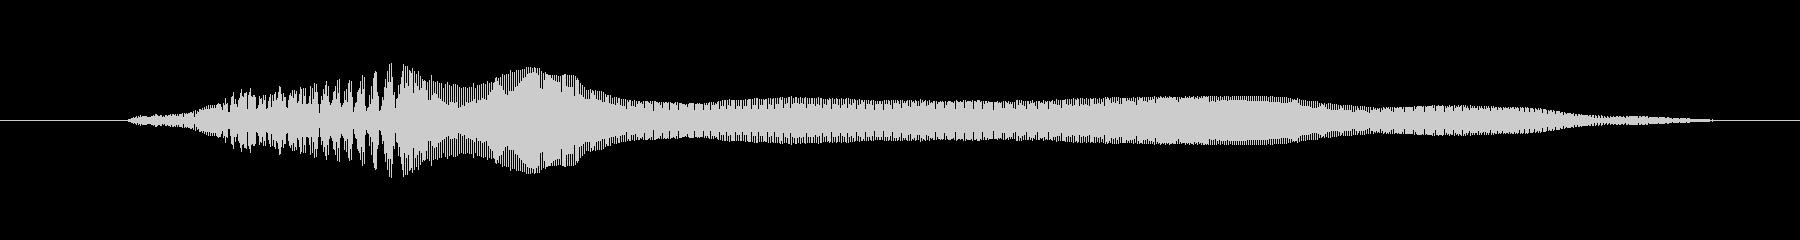 ドワーフ 応援W湖08の未再生の波形